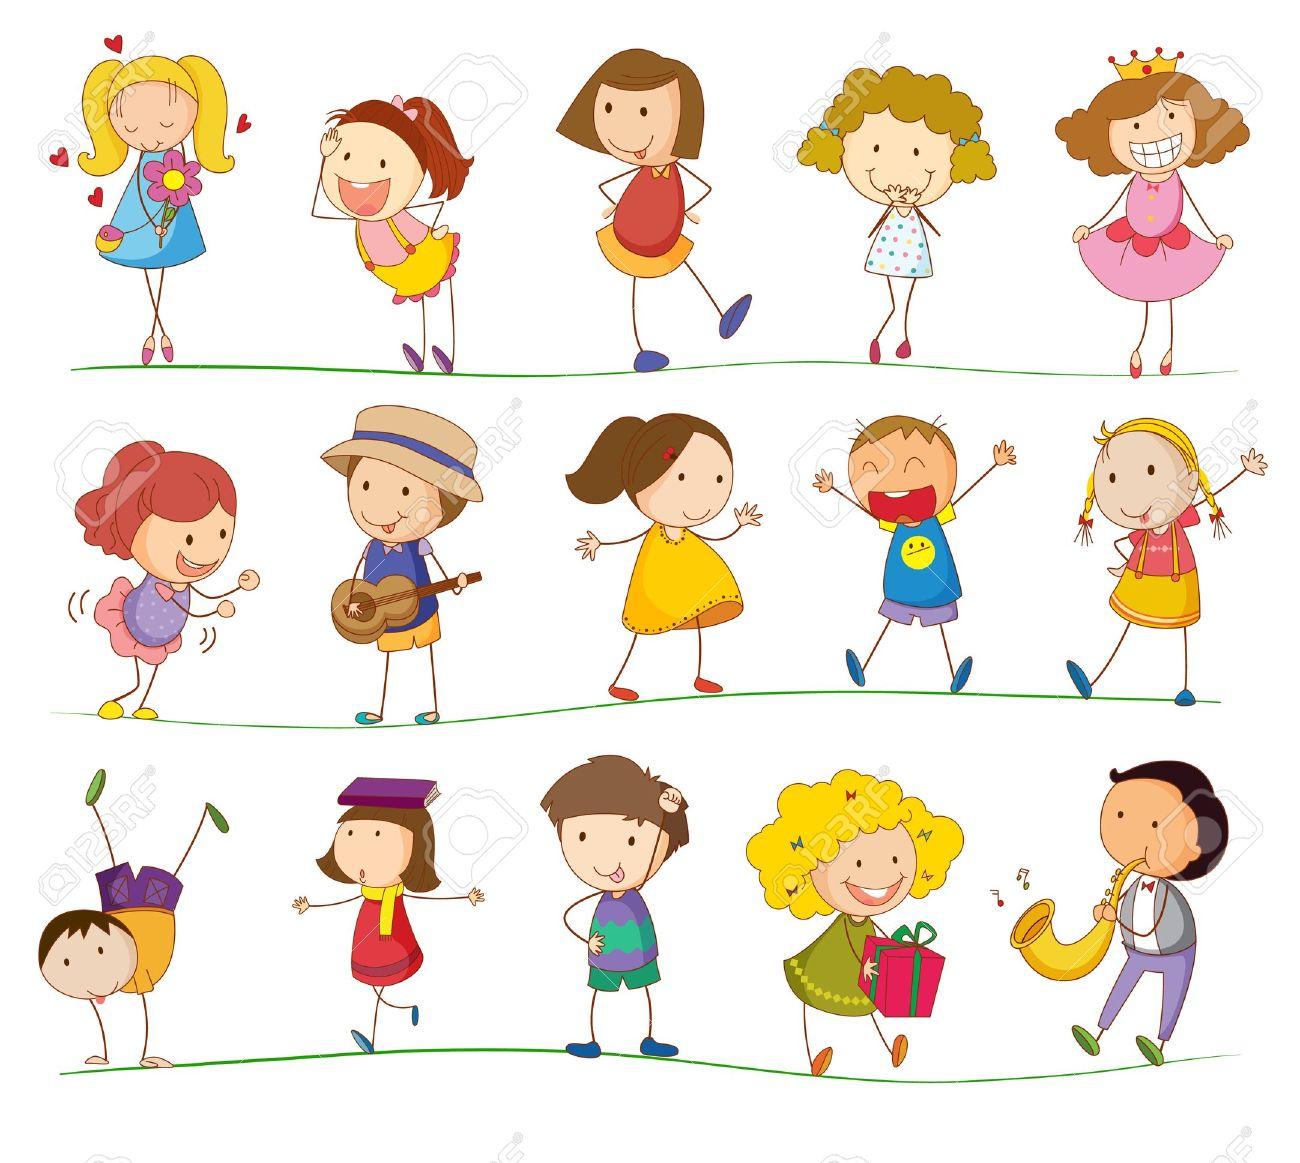 簡単な子供たちの演奏のイラストのイラスト素材ベクタ Image 13960961